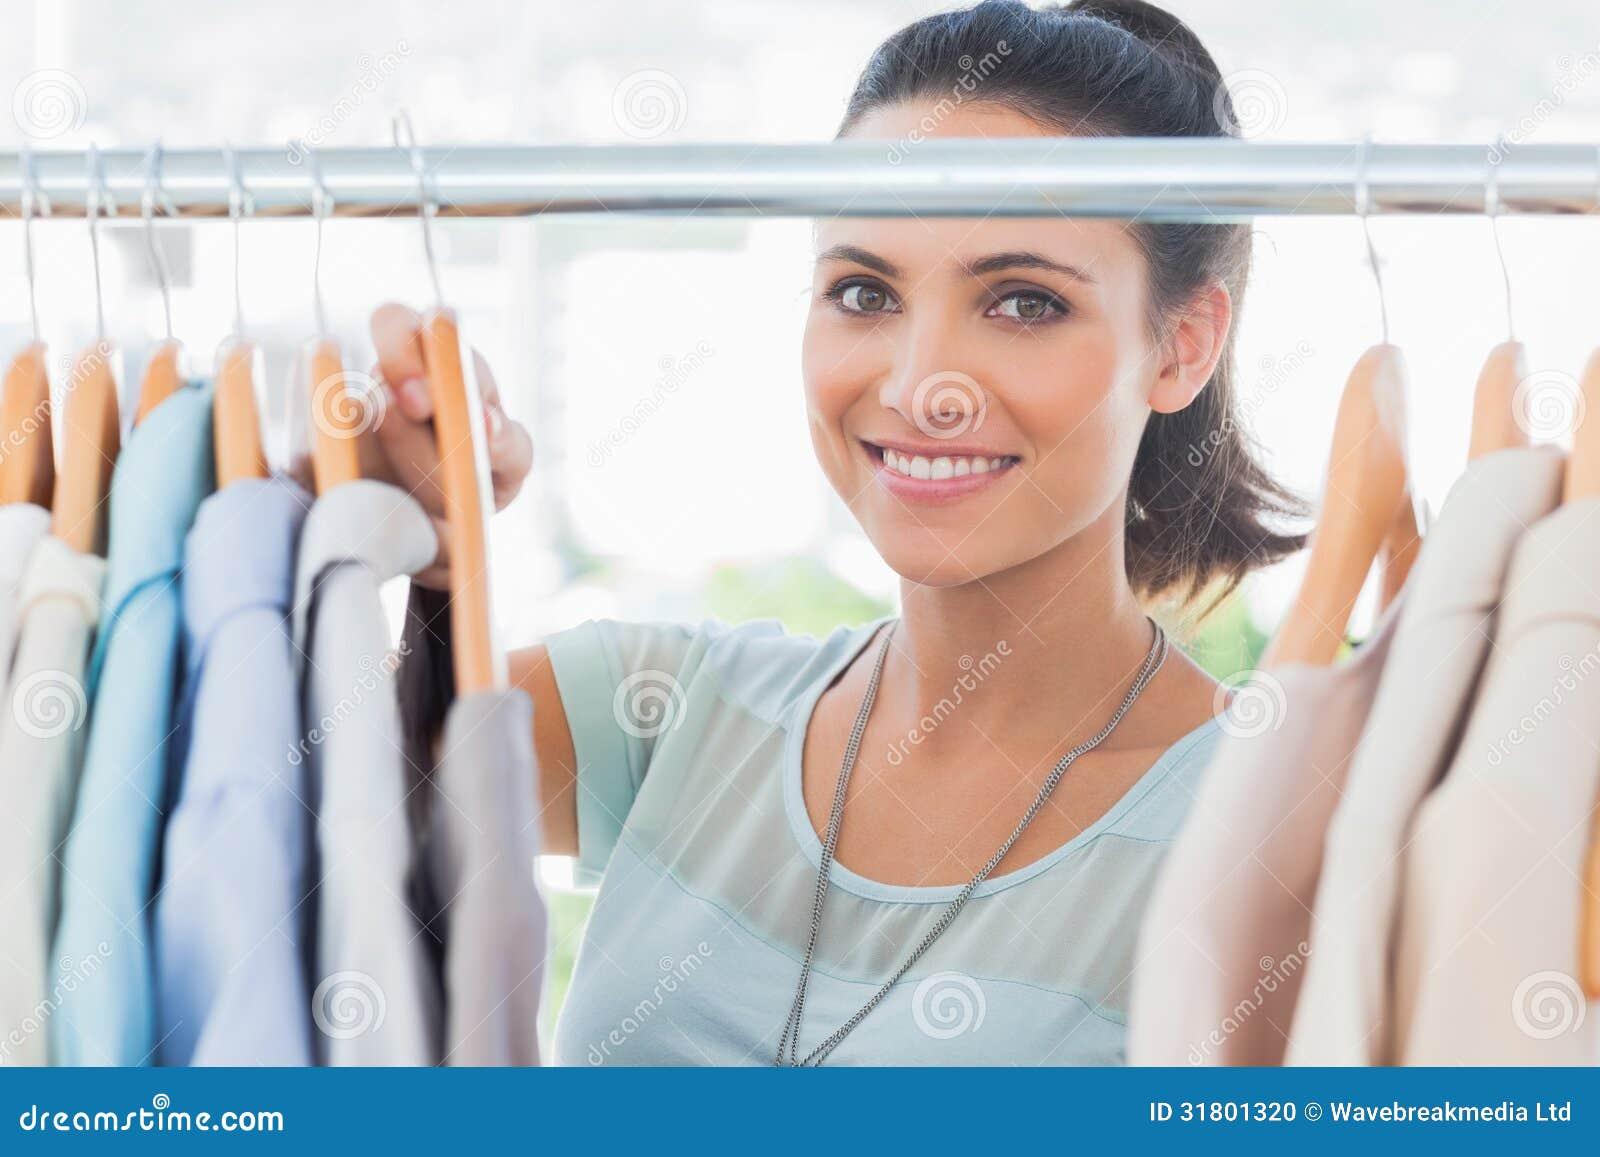 Dise ador de moda sonriente que mira la ropa foto de - Disenador de fotos ...